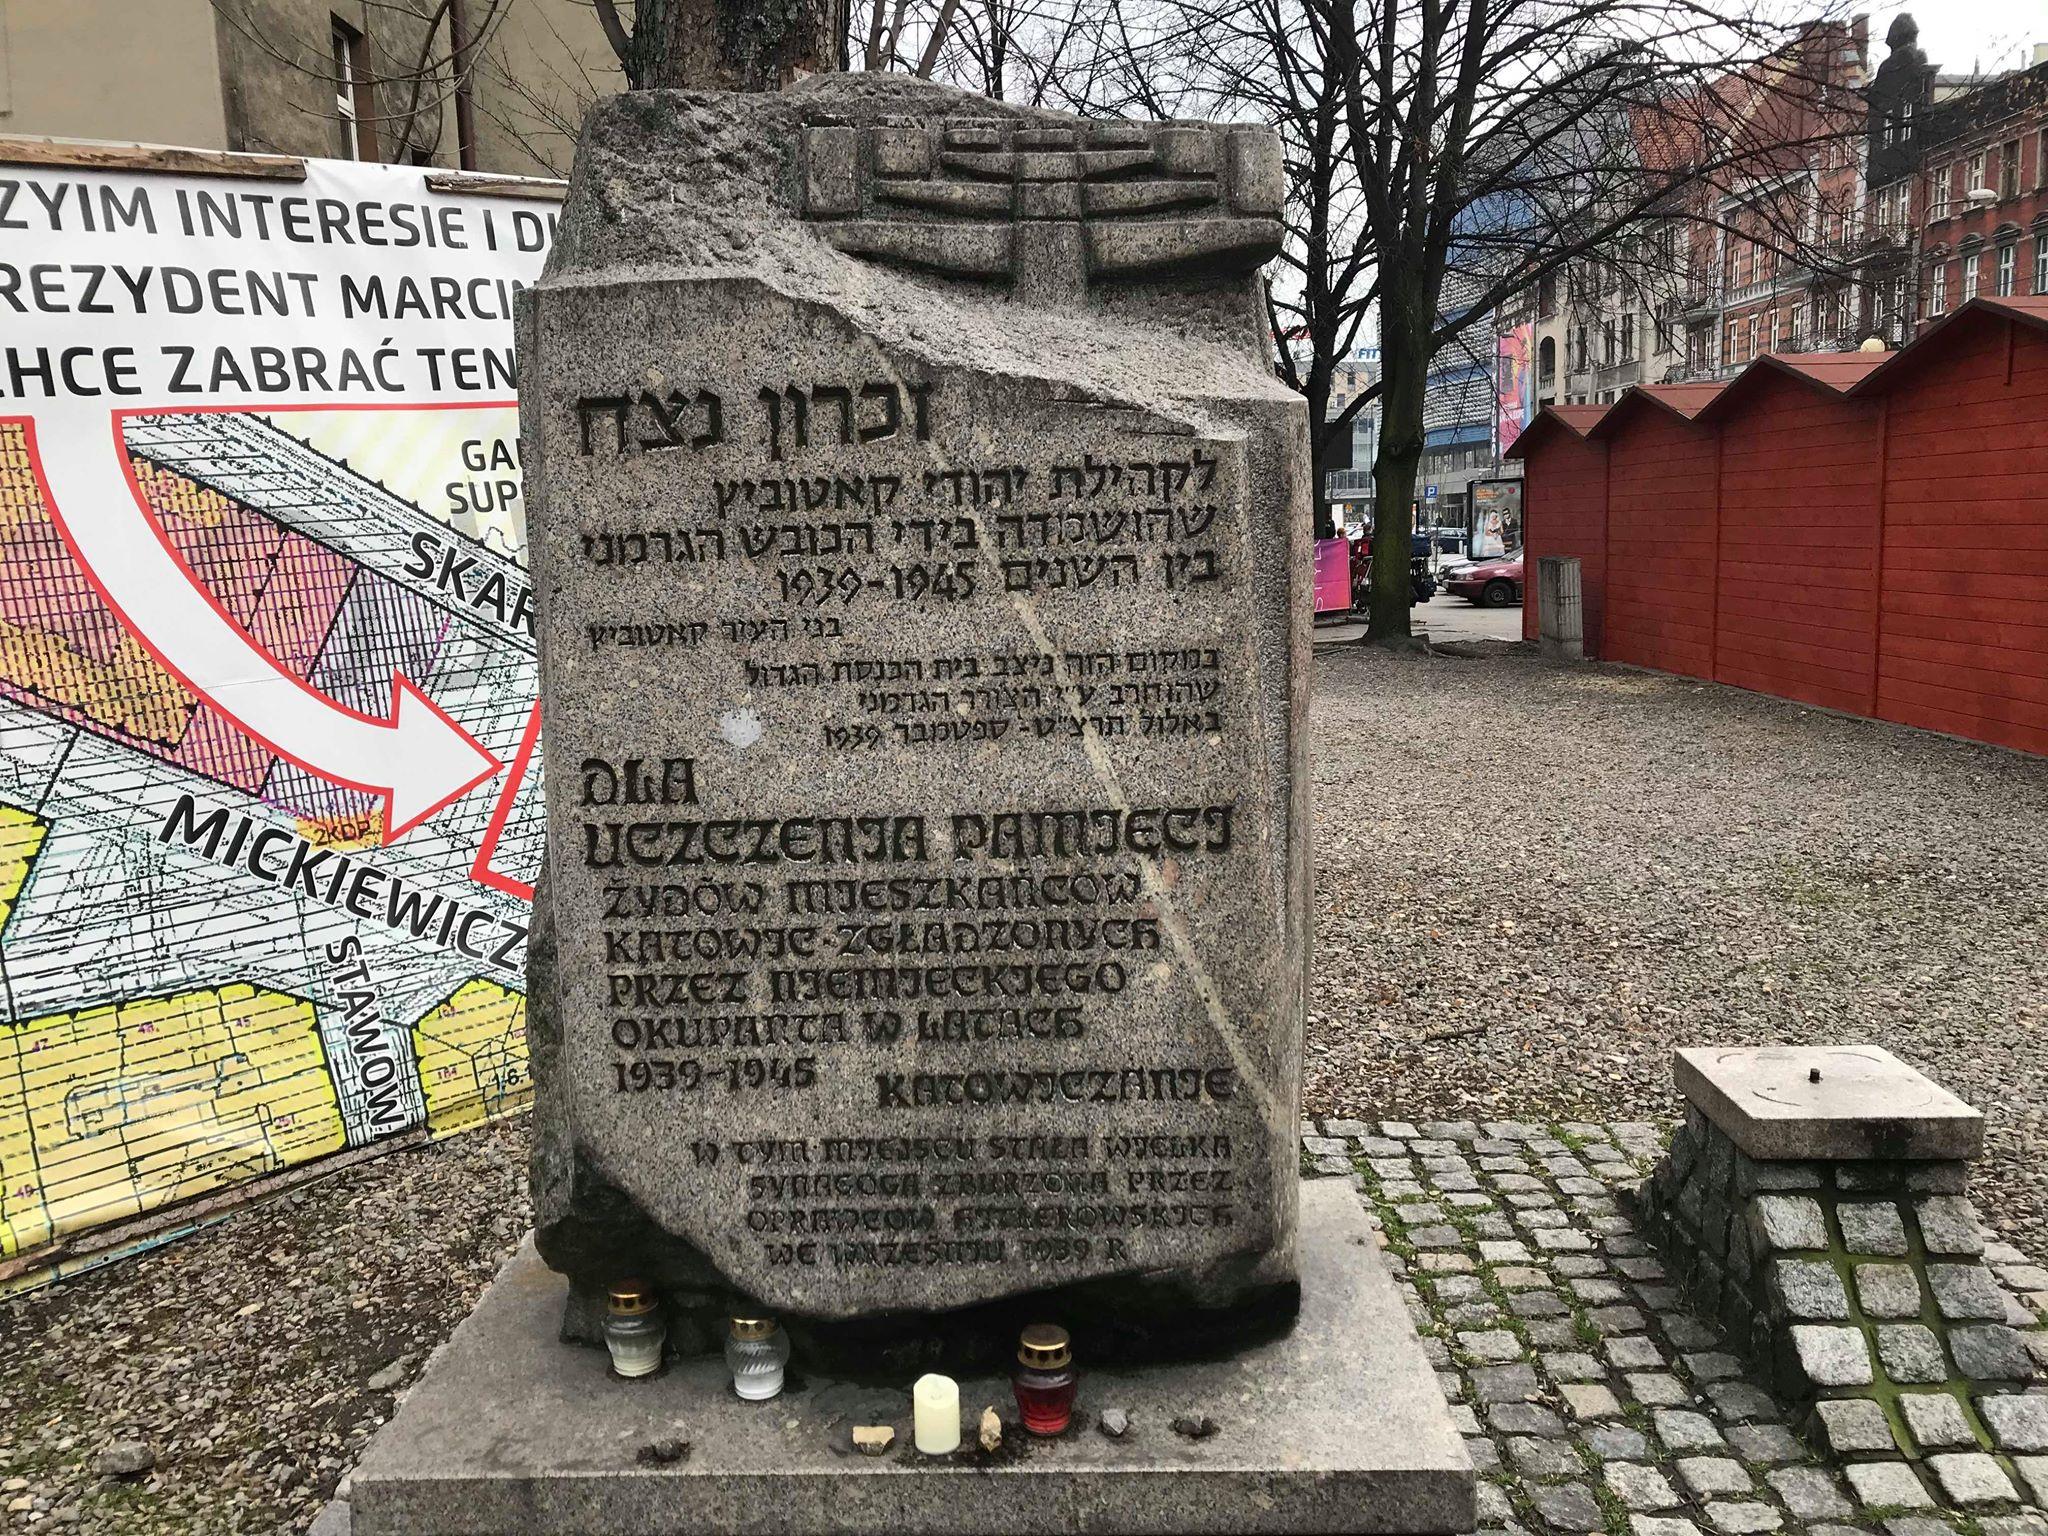 W hołdzie społeczności żydowskiej wypędzonej i wymordowanej przez hitlerowców. W tle widać instalację graficzno-tekstową zamieszczoną przez właściciela terenu. [fot. B. Bednarczuk]